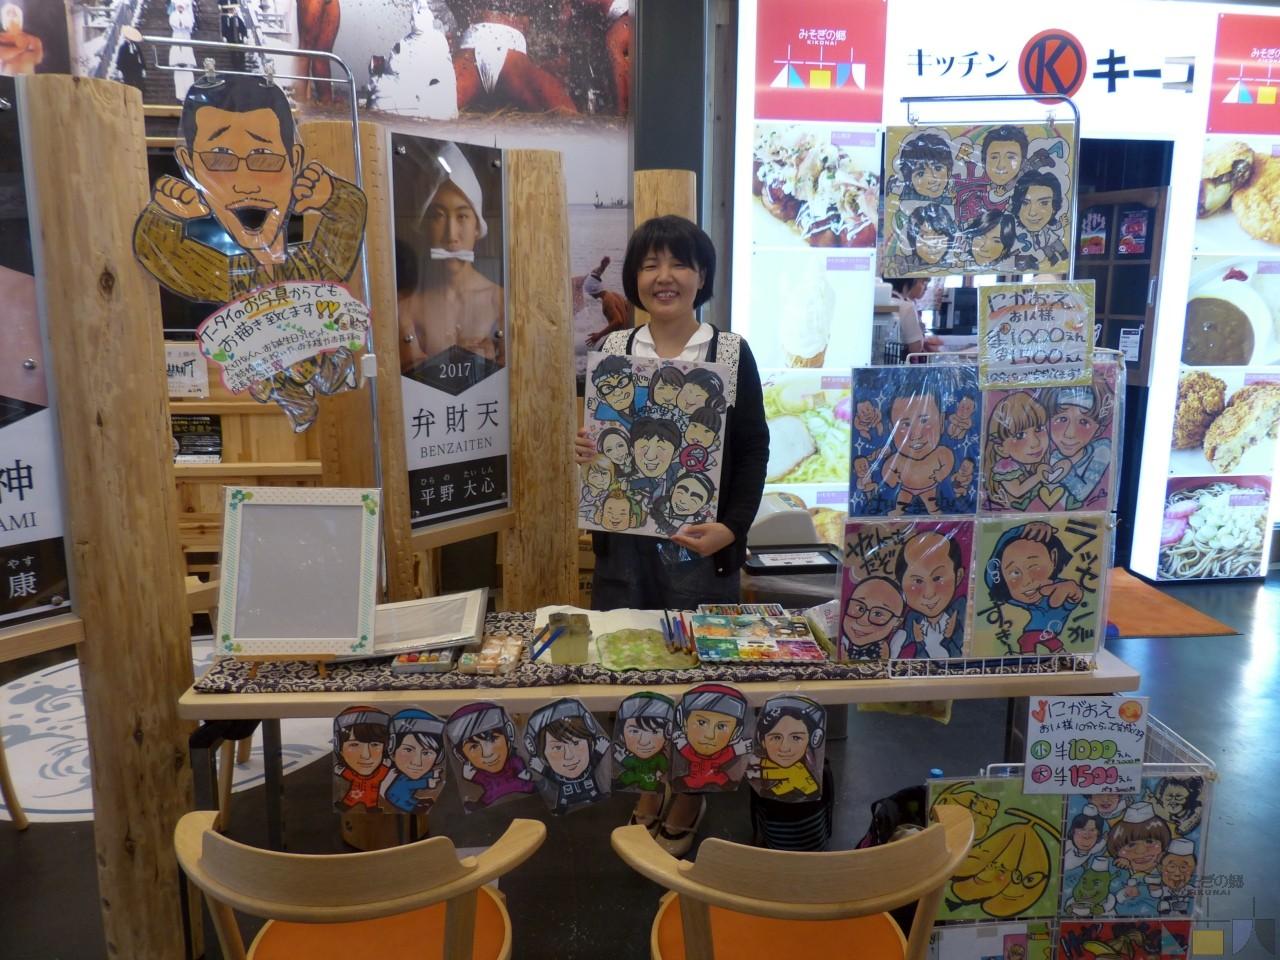 木古内町観光協会主催「まちづくり勉強会」開催!石川屋さんで